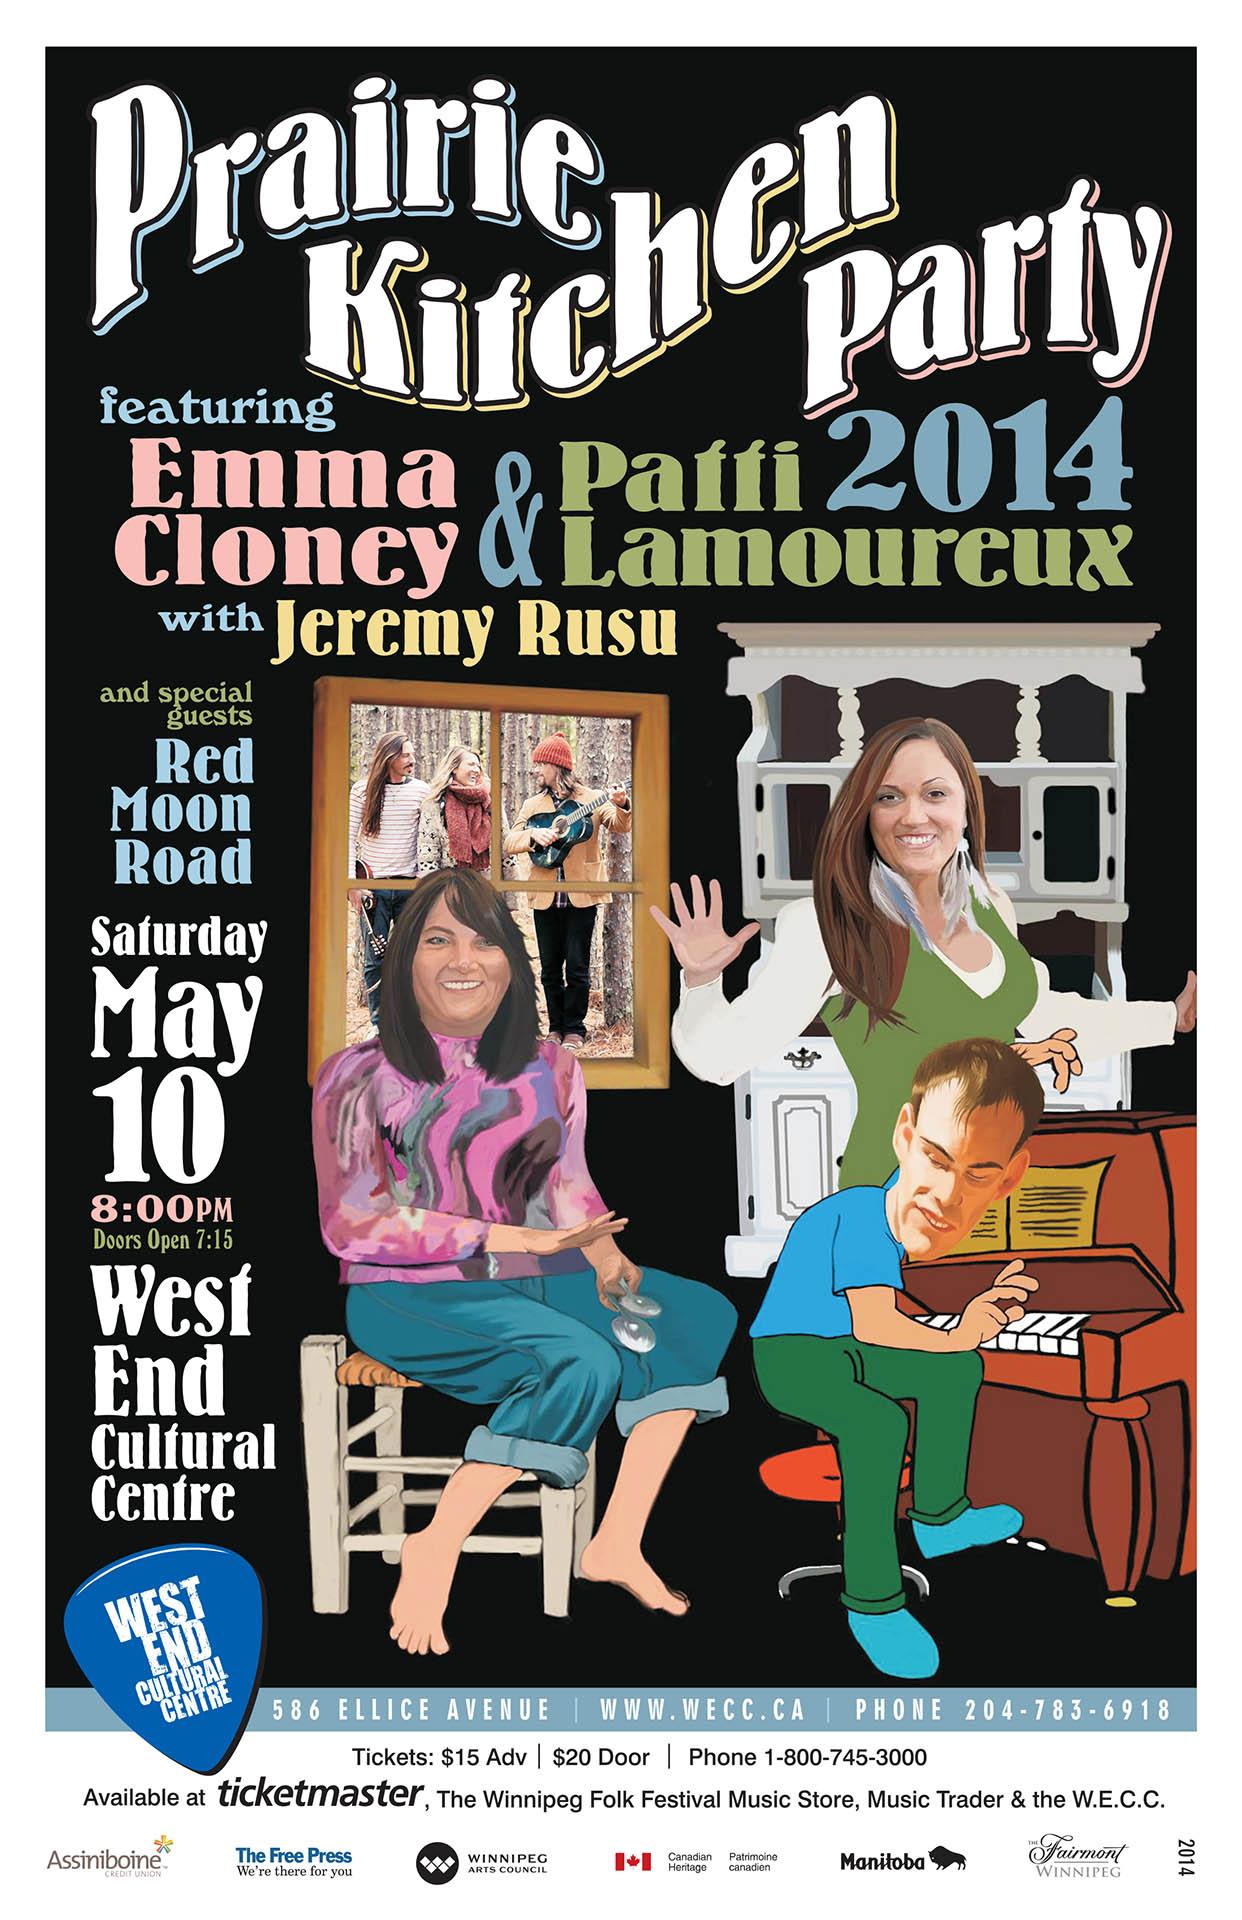 Prairie Kitchen Party - 2014